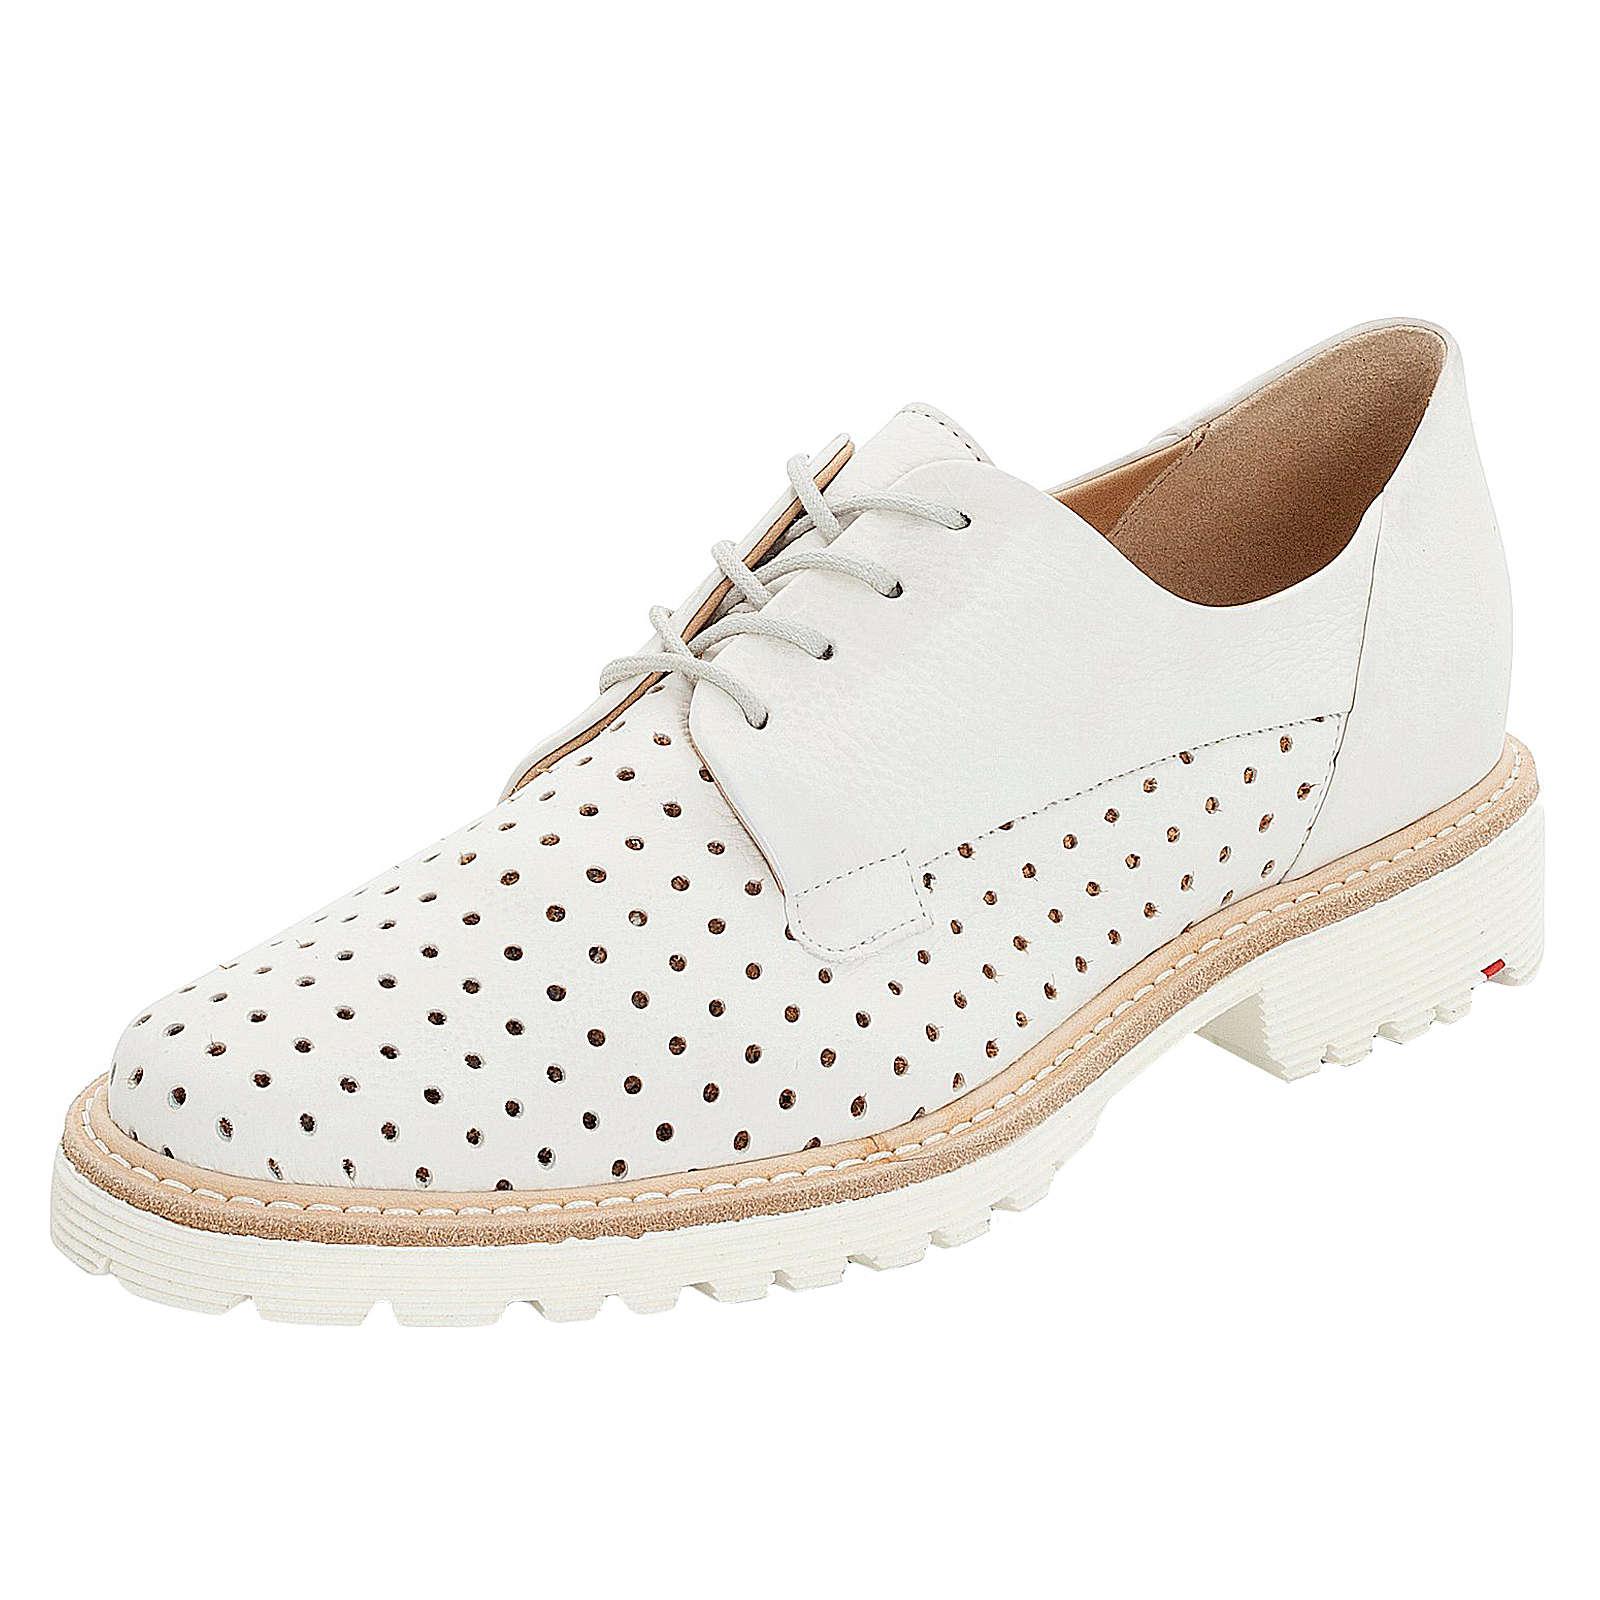 LLOYD Schnürschuh mit sommerlicher Perforation Schnürschuhe weiß Damen Gr. 41